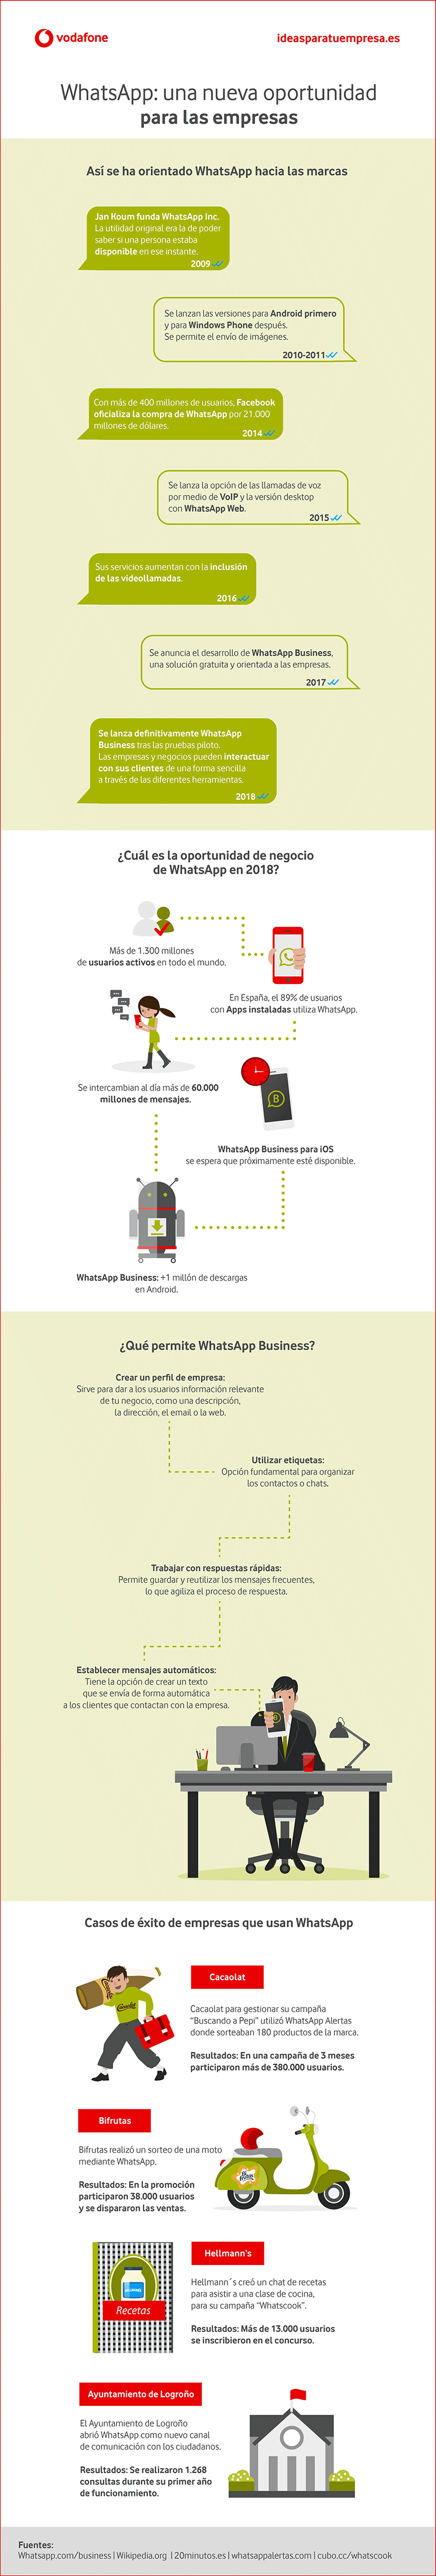 whatsapp-oportunidad-empresas